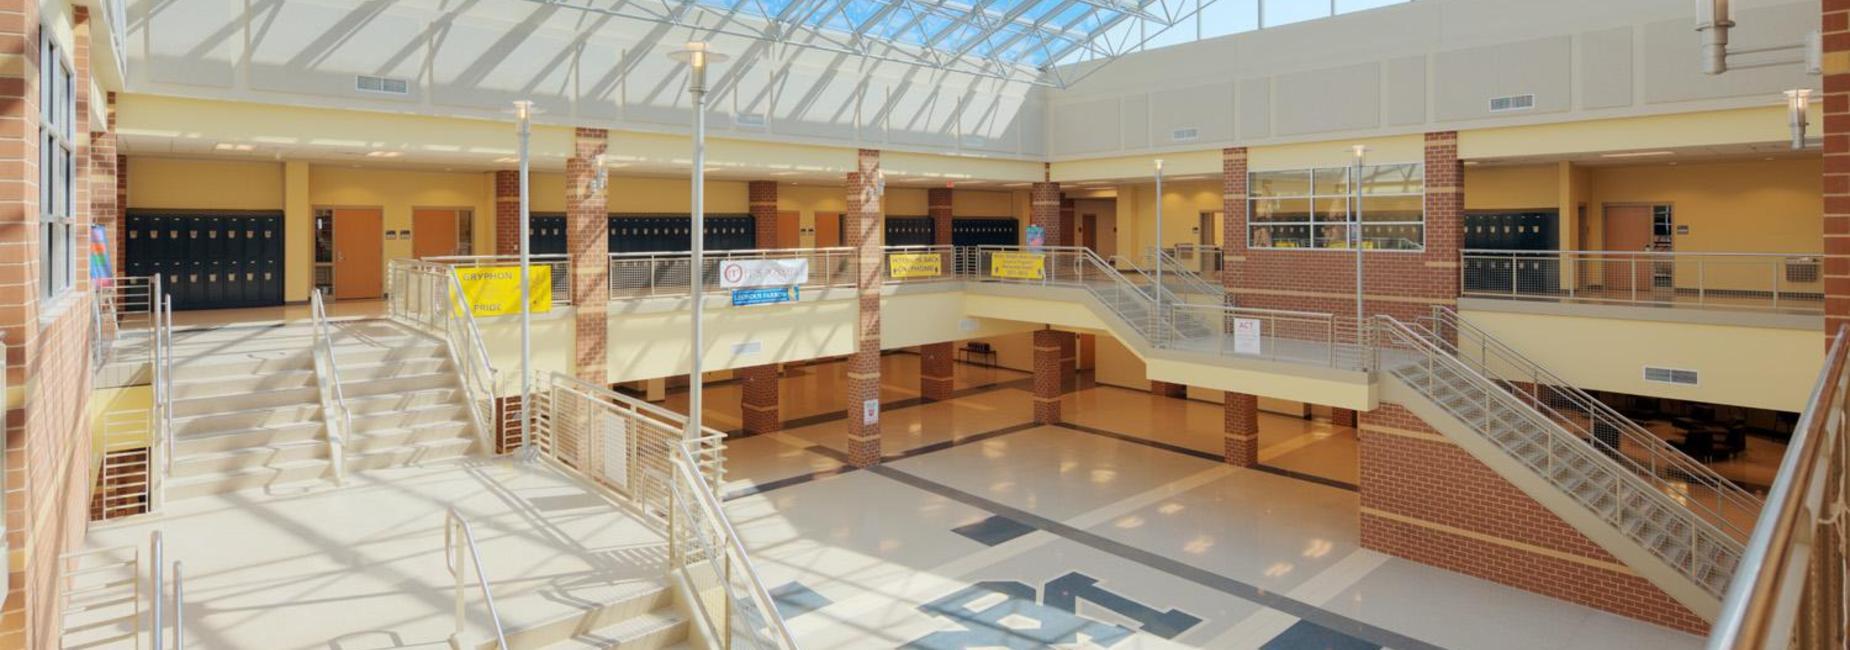 RMHS Atrium